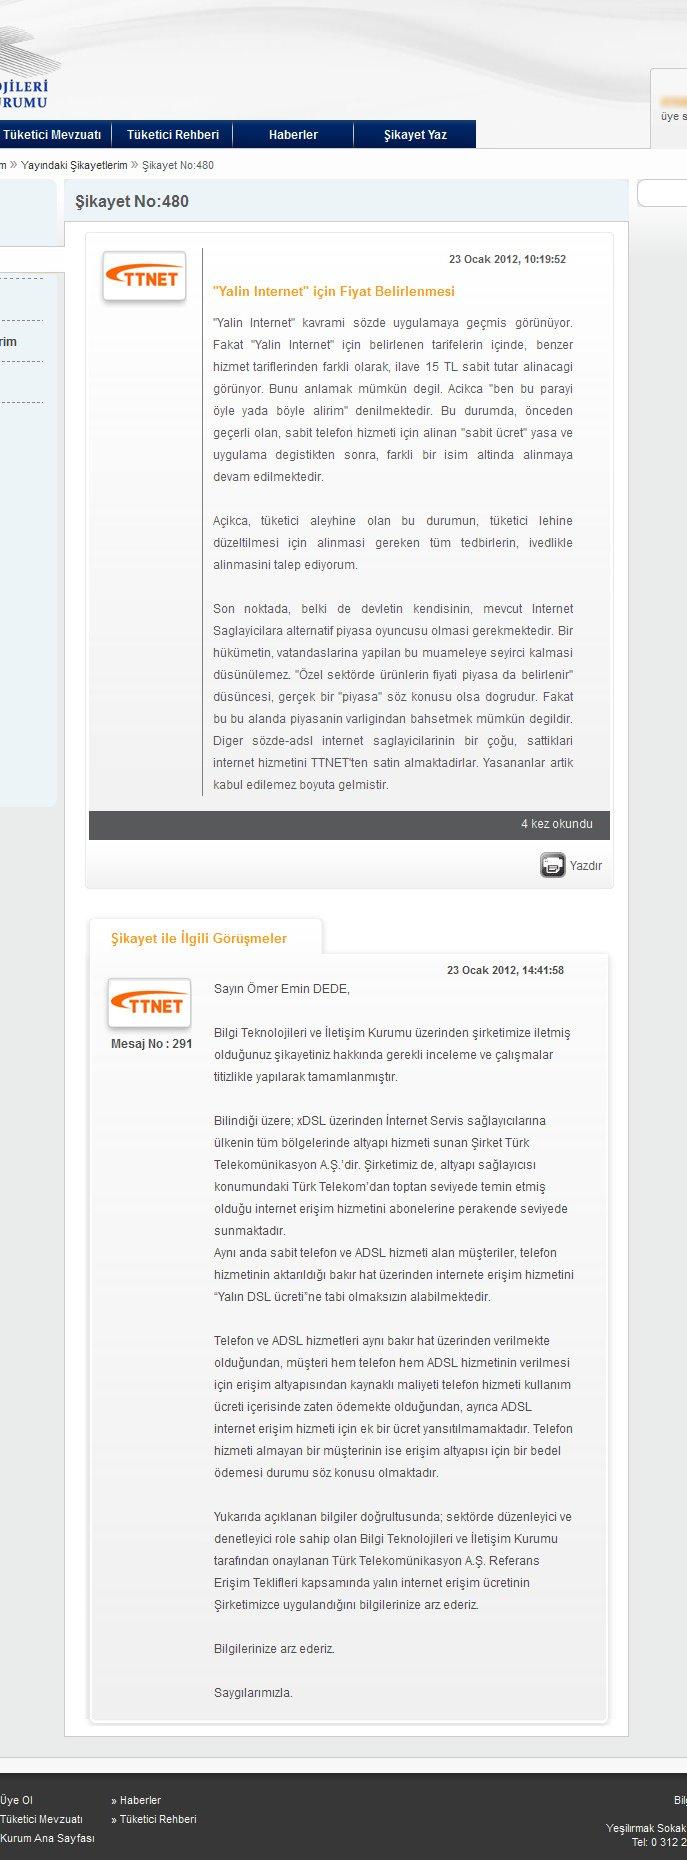 TTNet Şikayet ve Cevap - Yalın Internet - BTK vasıtasıyla.jpg